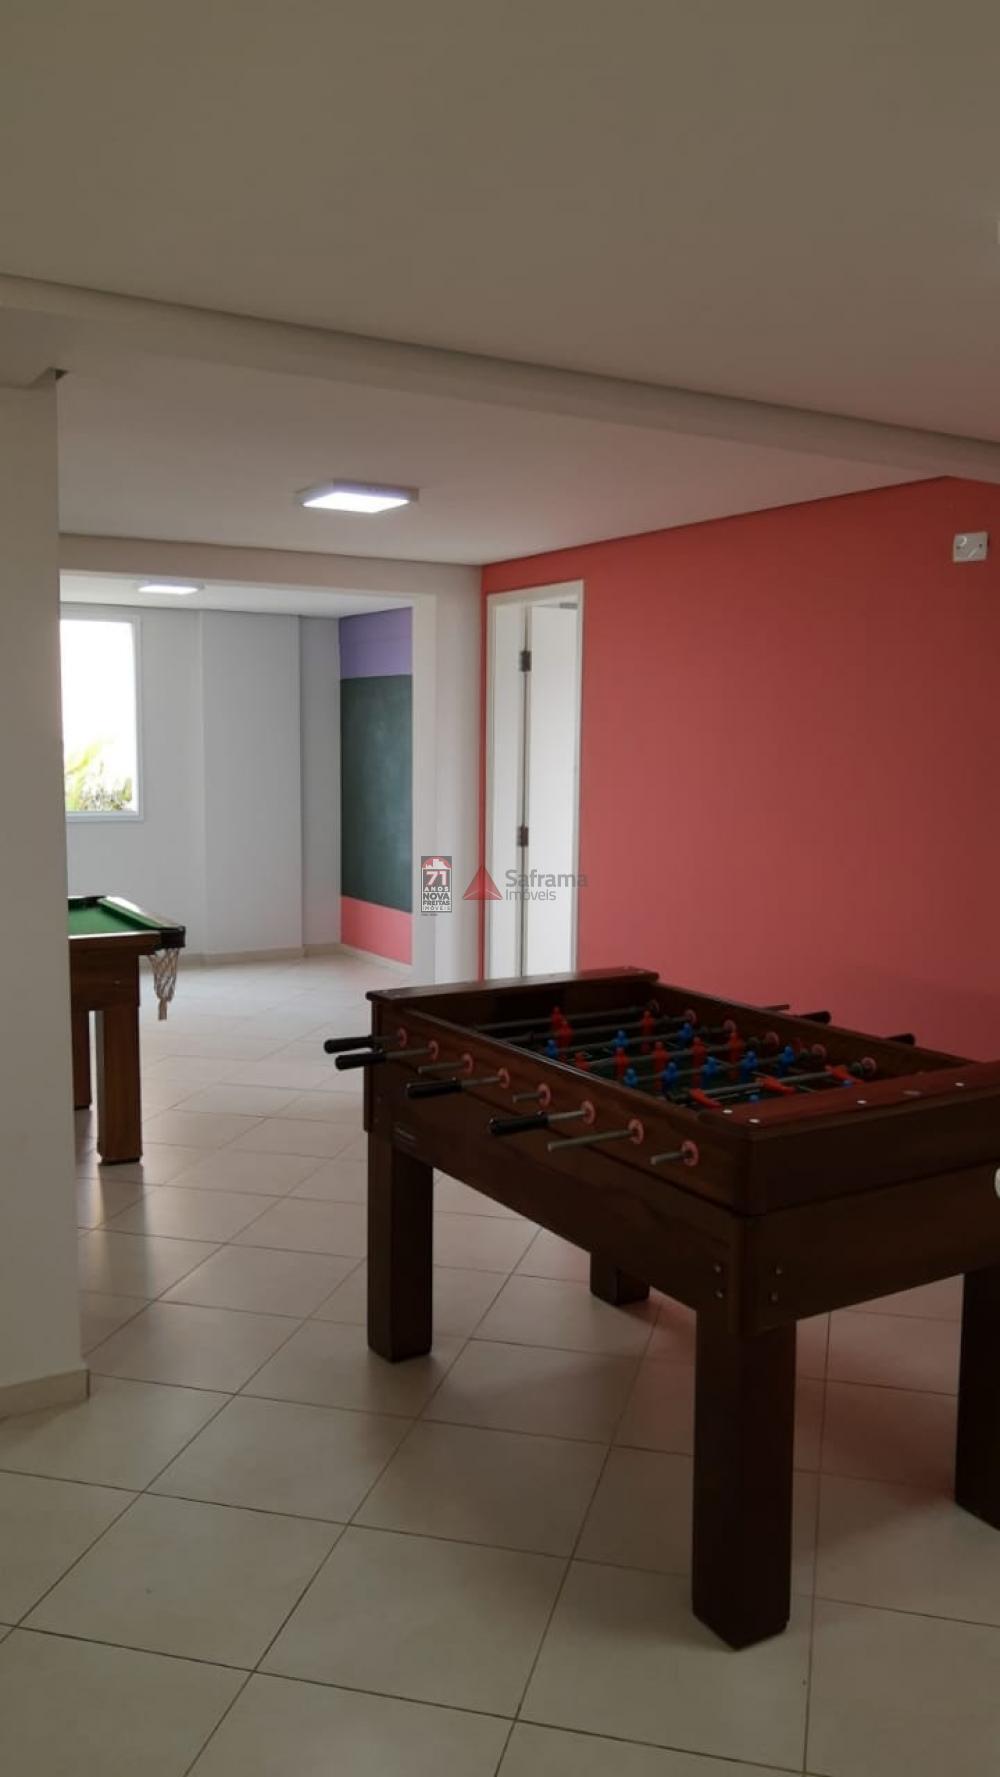 Comprar Apartamento / Padrão em Caraguatatuba apenas R$ 950.000,00 - Foto 29